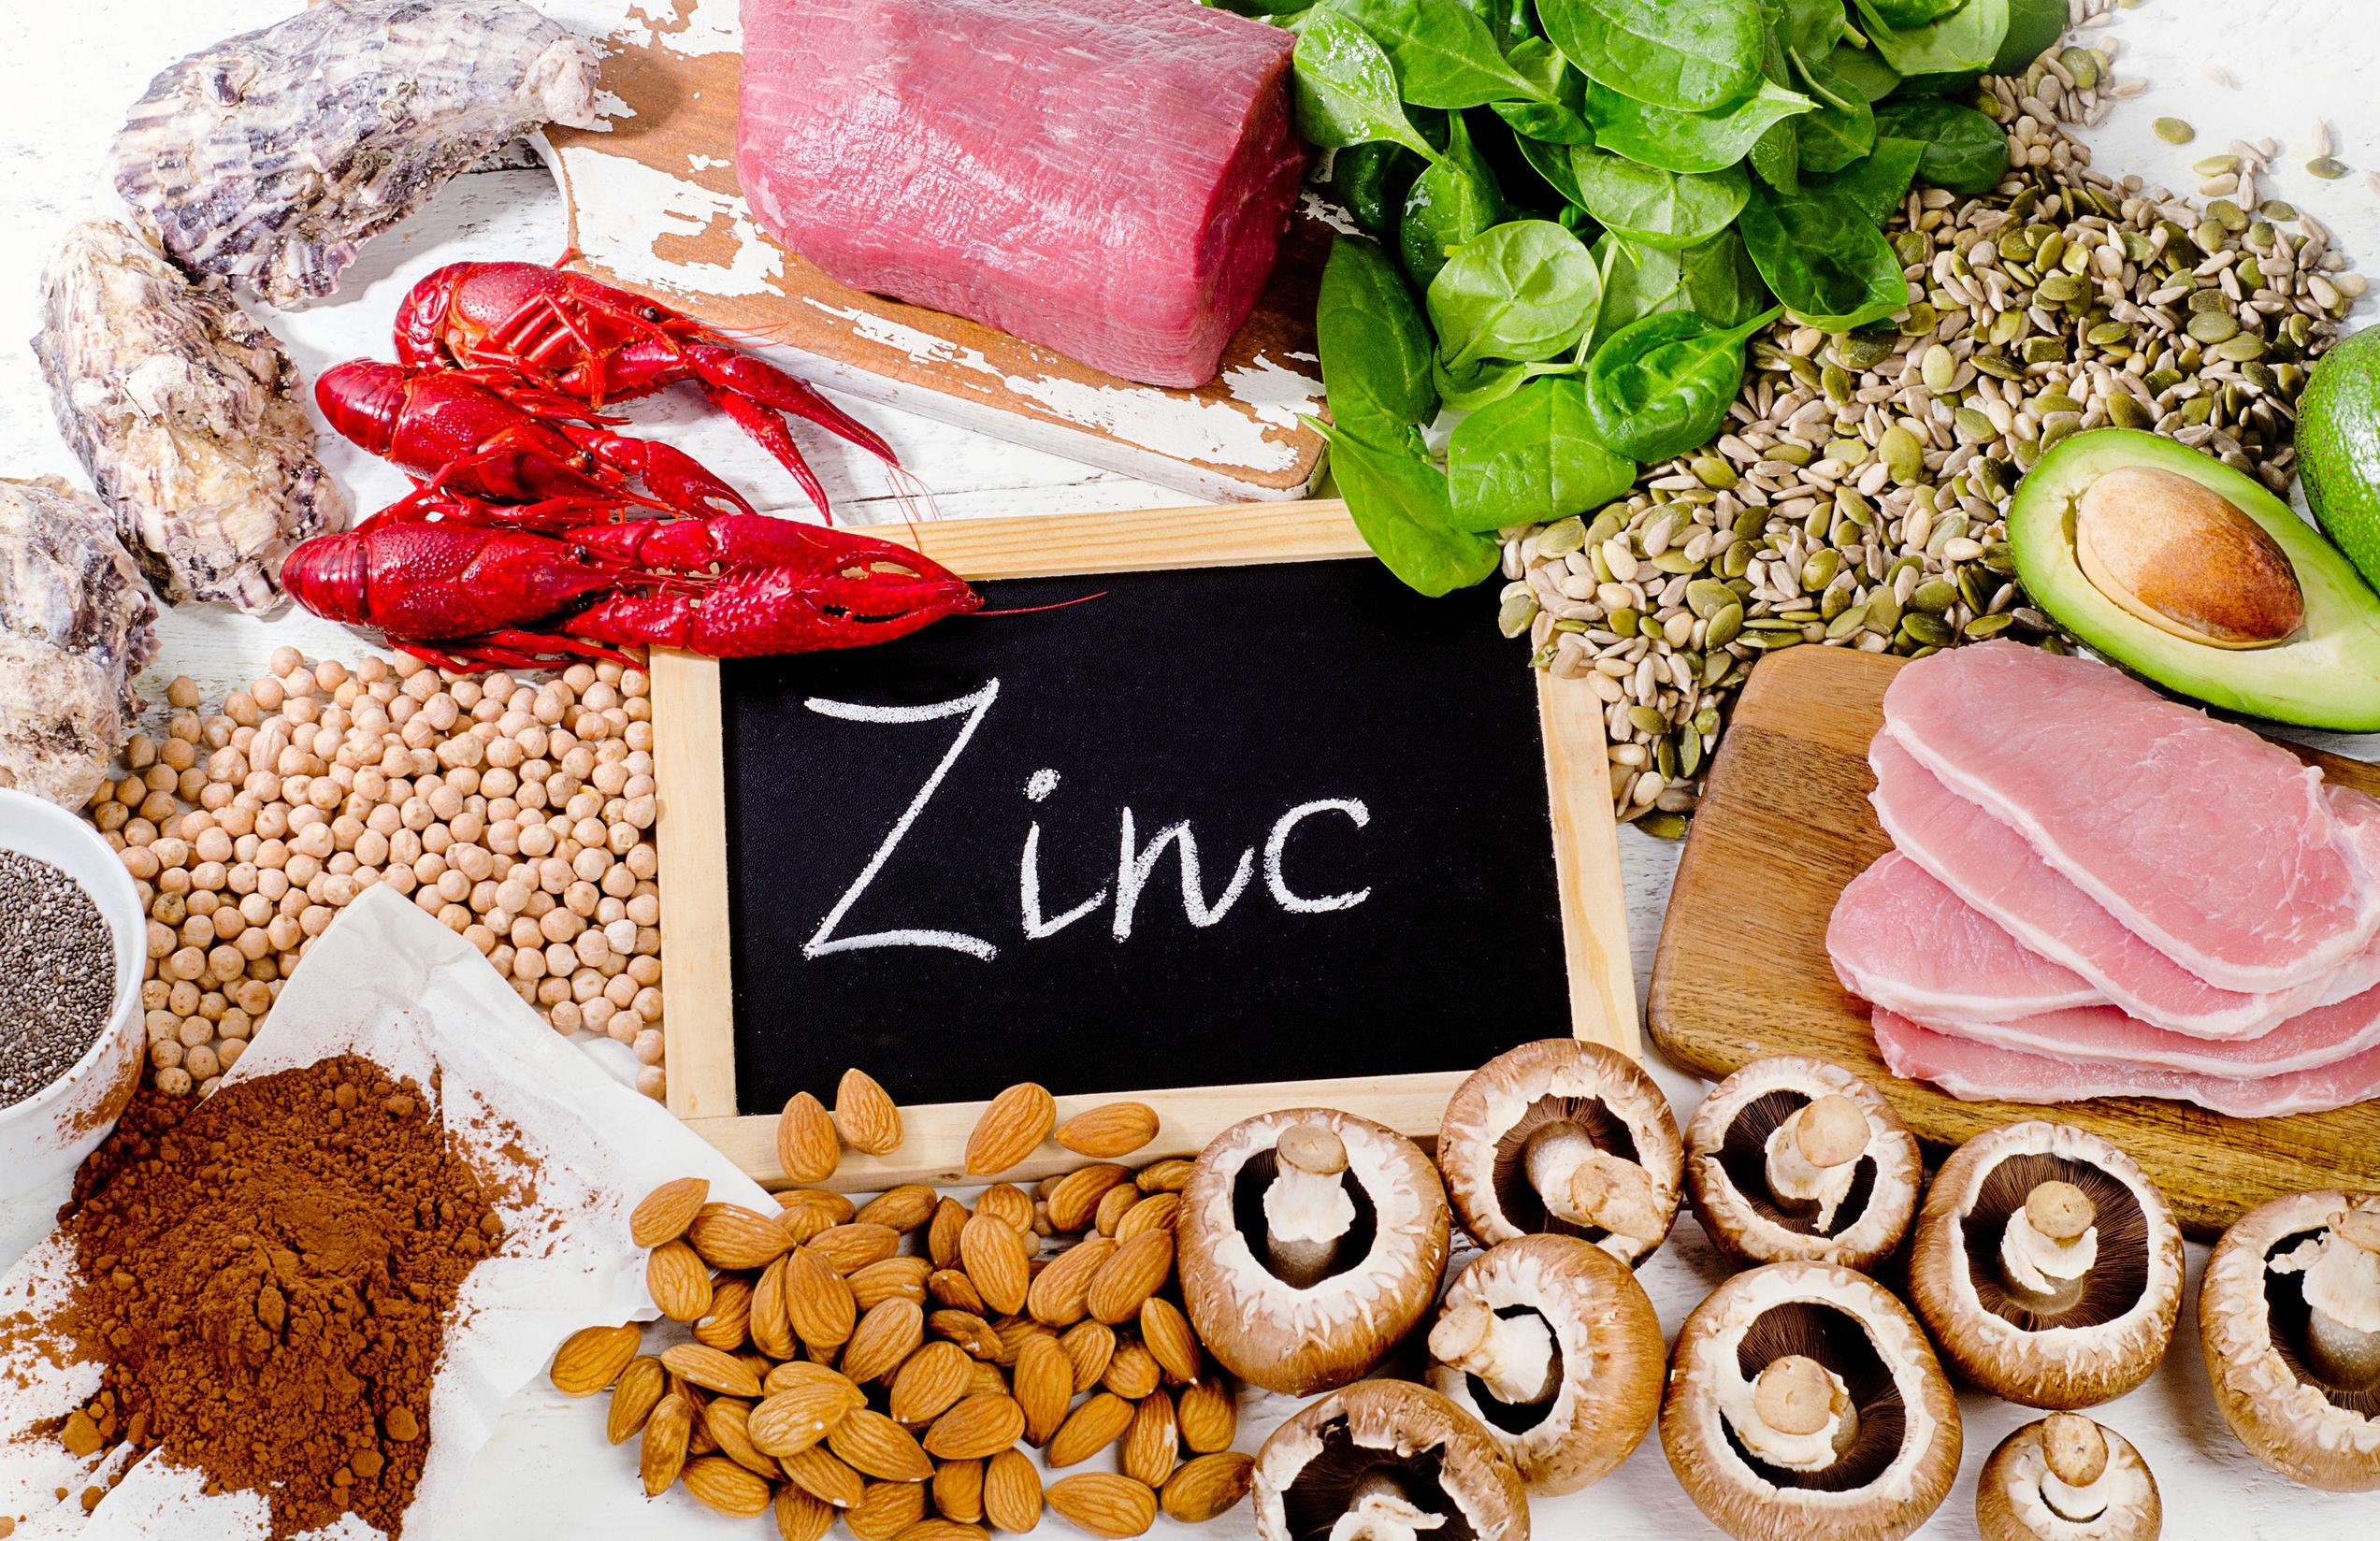 Gli alimenti più ricchi di zinco. Cibo dieta sana. Disteso